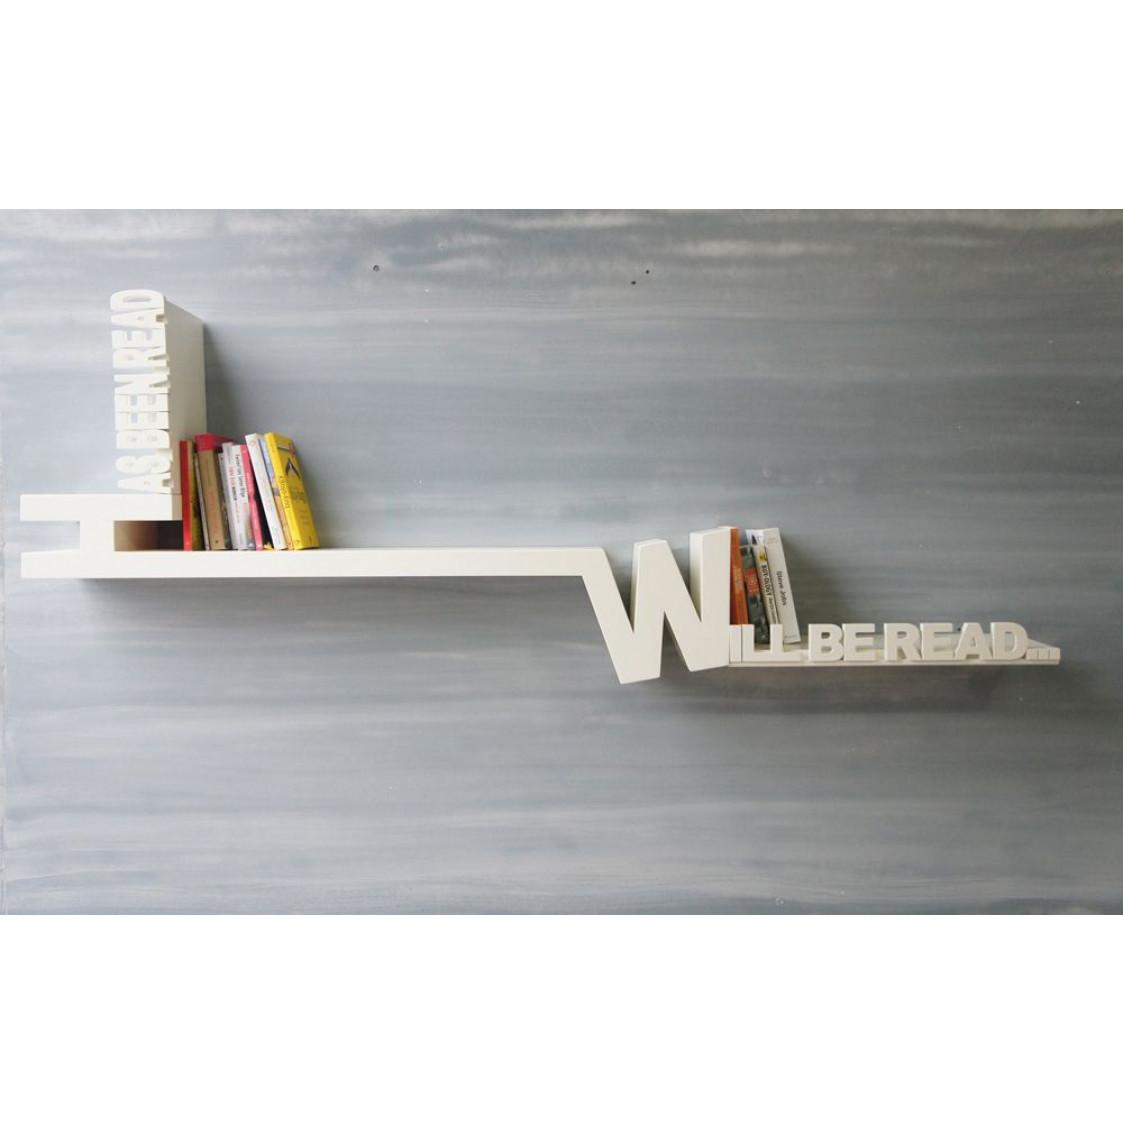 Typographic Bookshelf